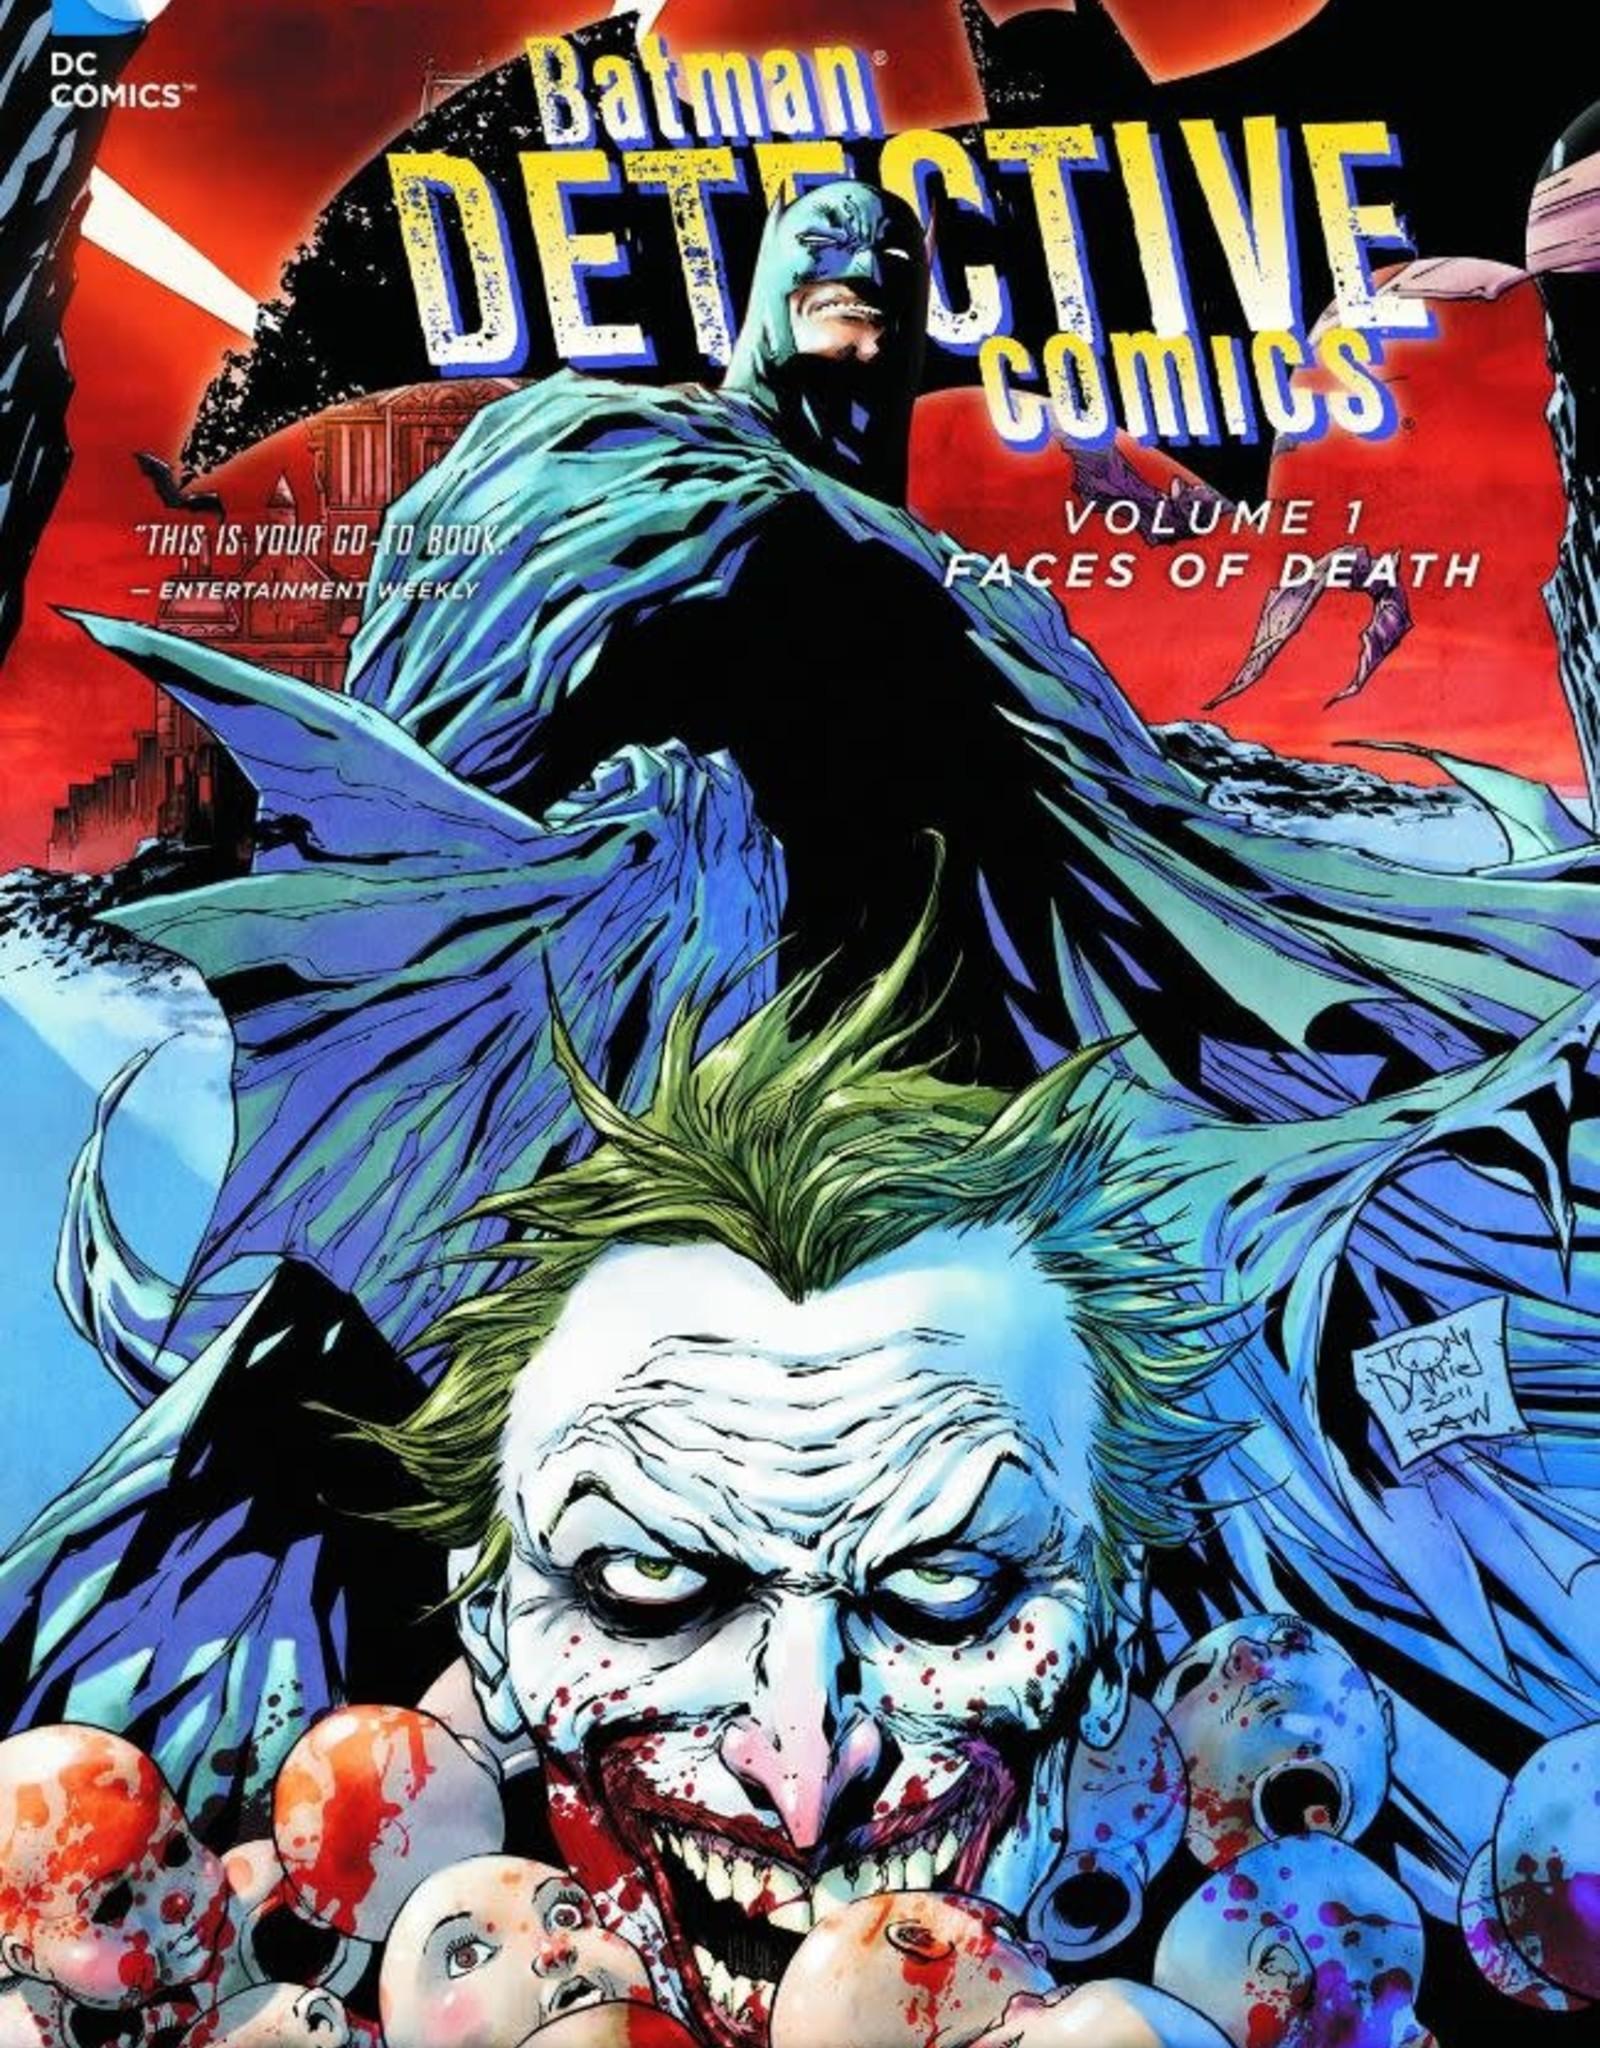 DC Comics Batman Detective Comics Vol 01 Faces of Death